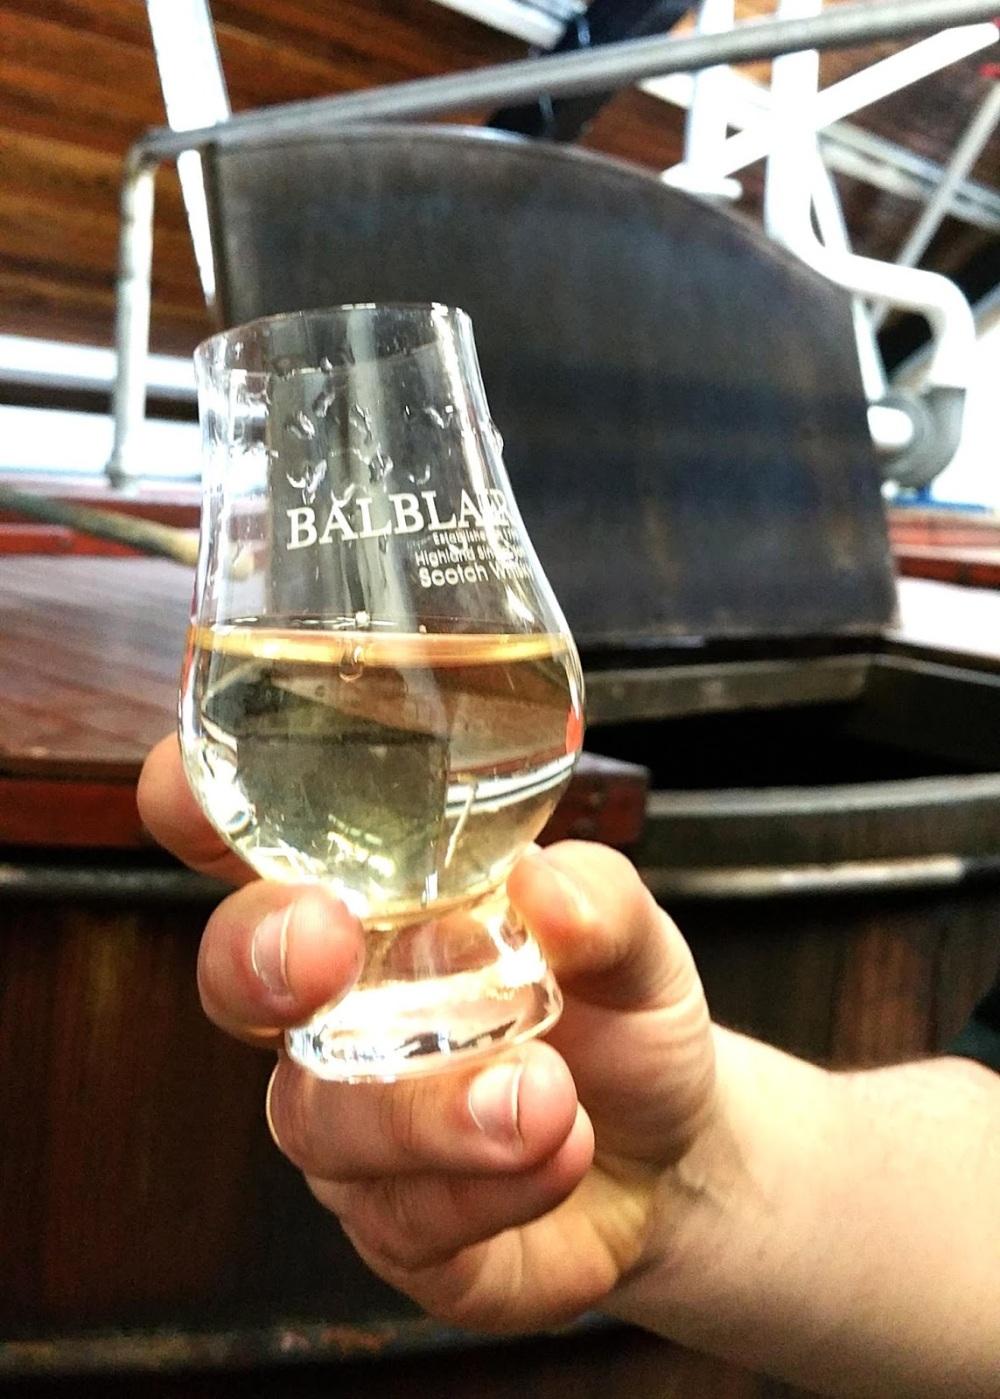 balblair-distillery-highlands-scotland-whiskyspeller-scotland-2016-37